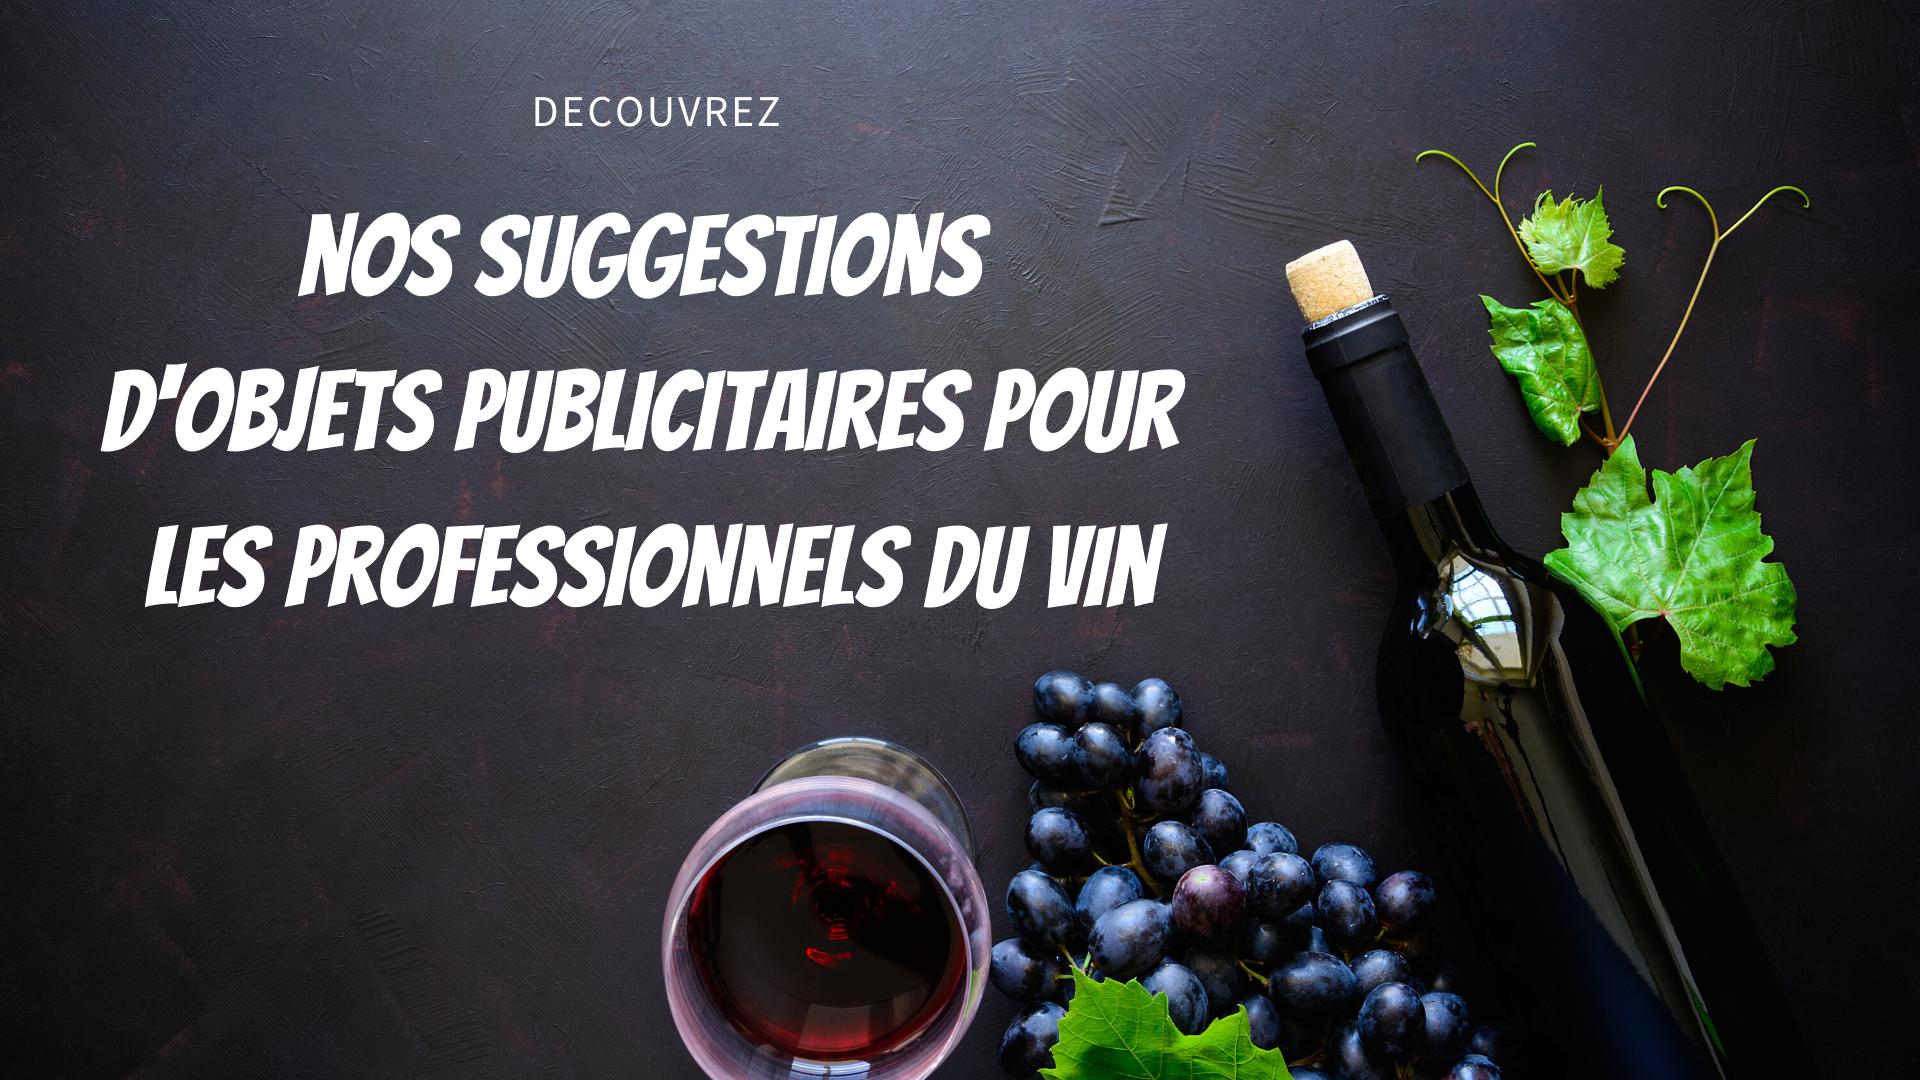 Suggestion d'objets publicitaires pour les professionnels du vin